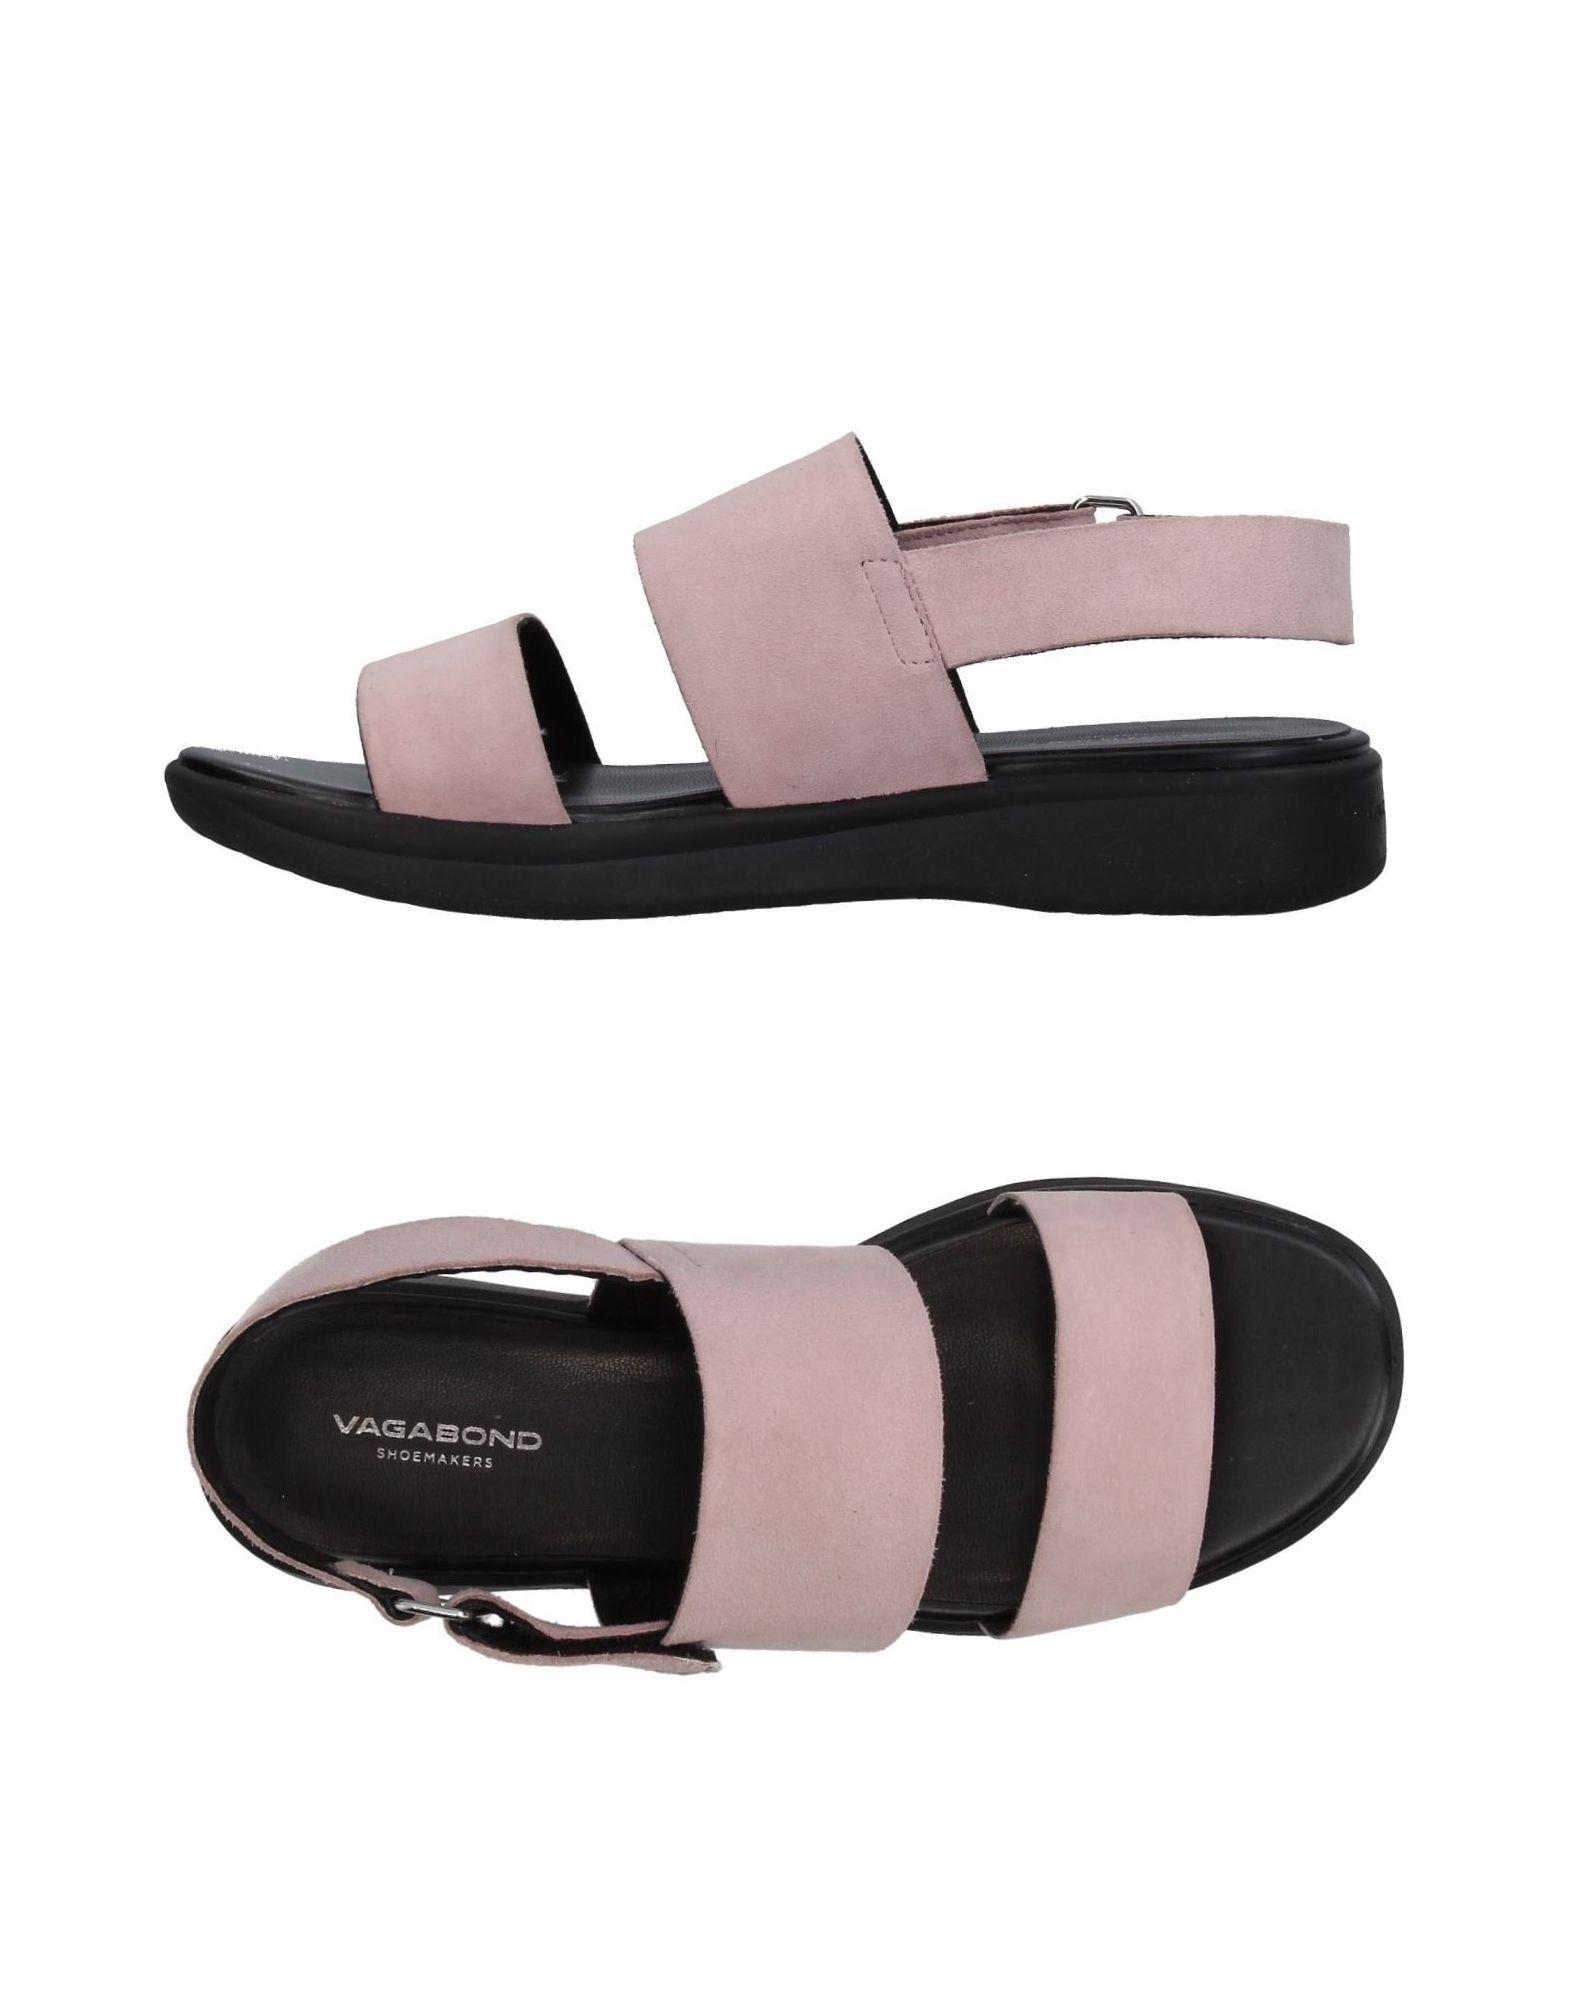 Vagabond Shoemakers Sandals - Women Vagabond Shoemakers Sandals online 11388234GO on  Australia - 11388234GO online 7610d3